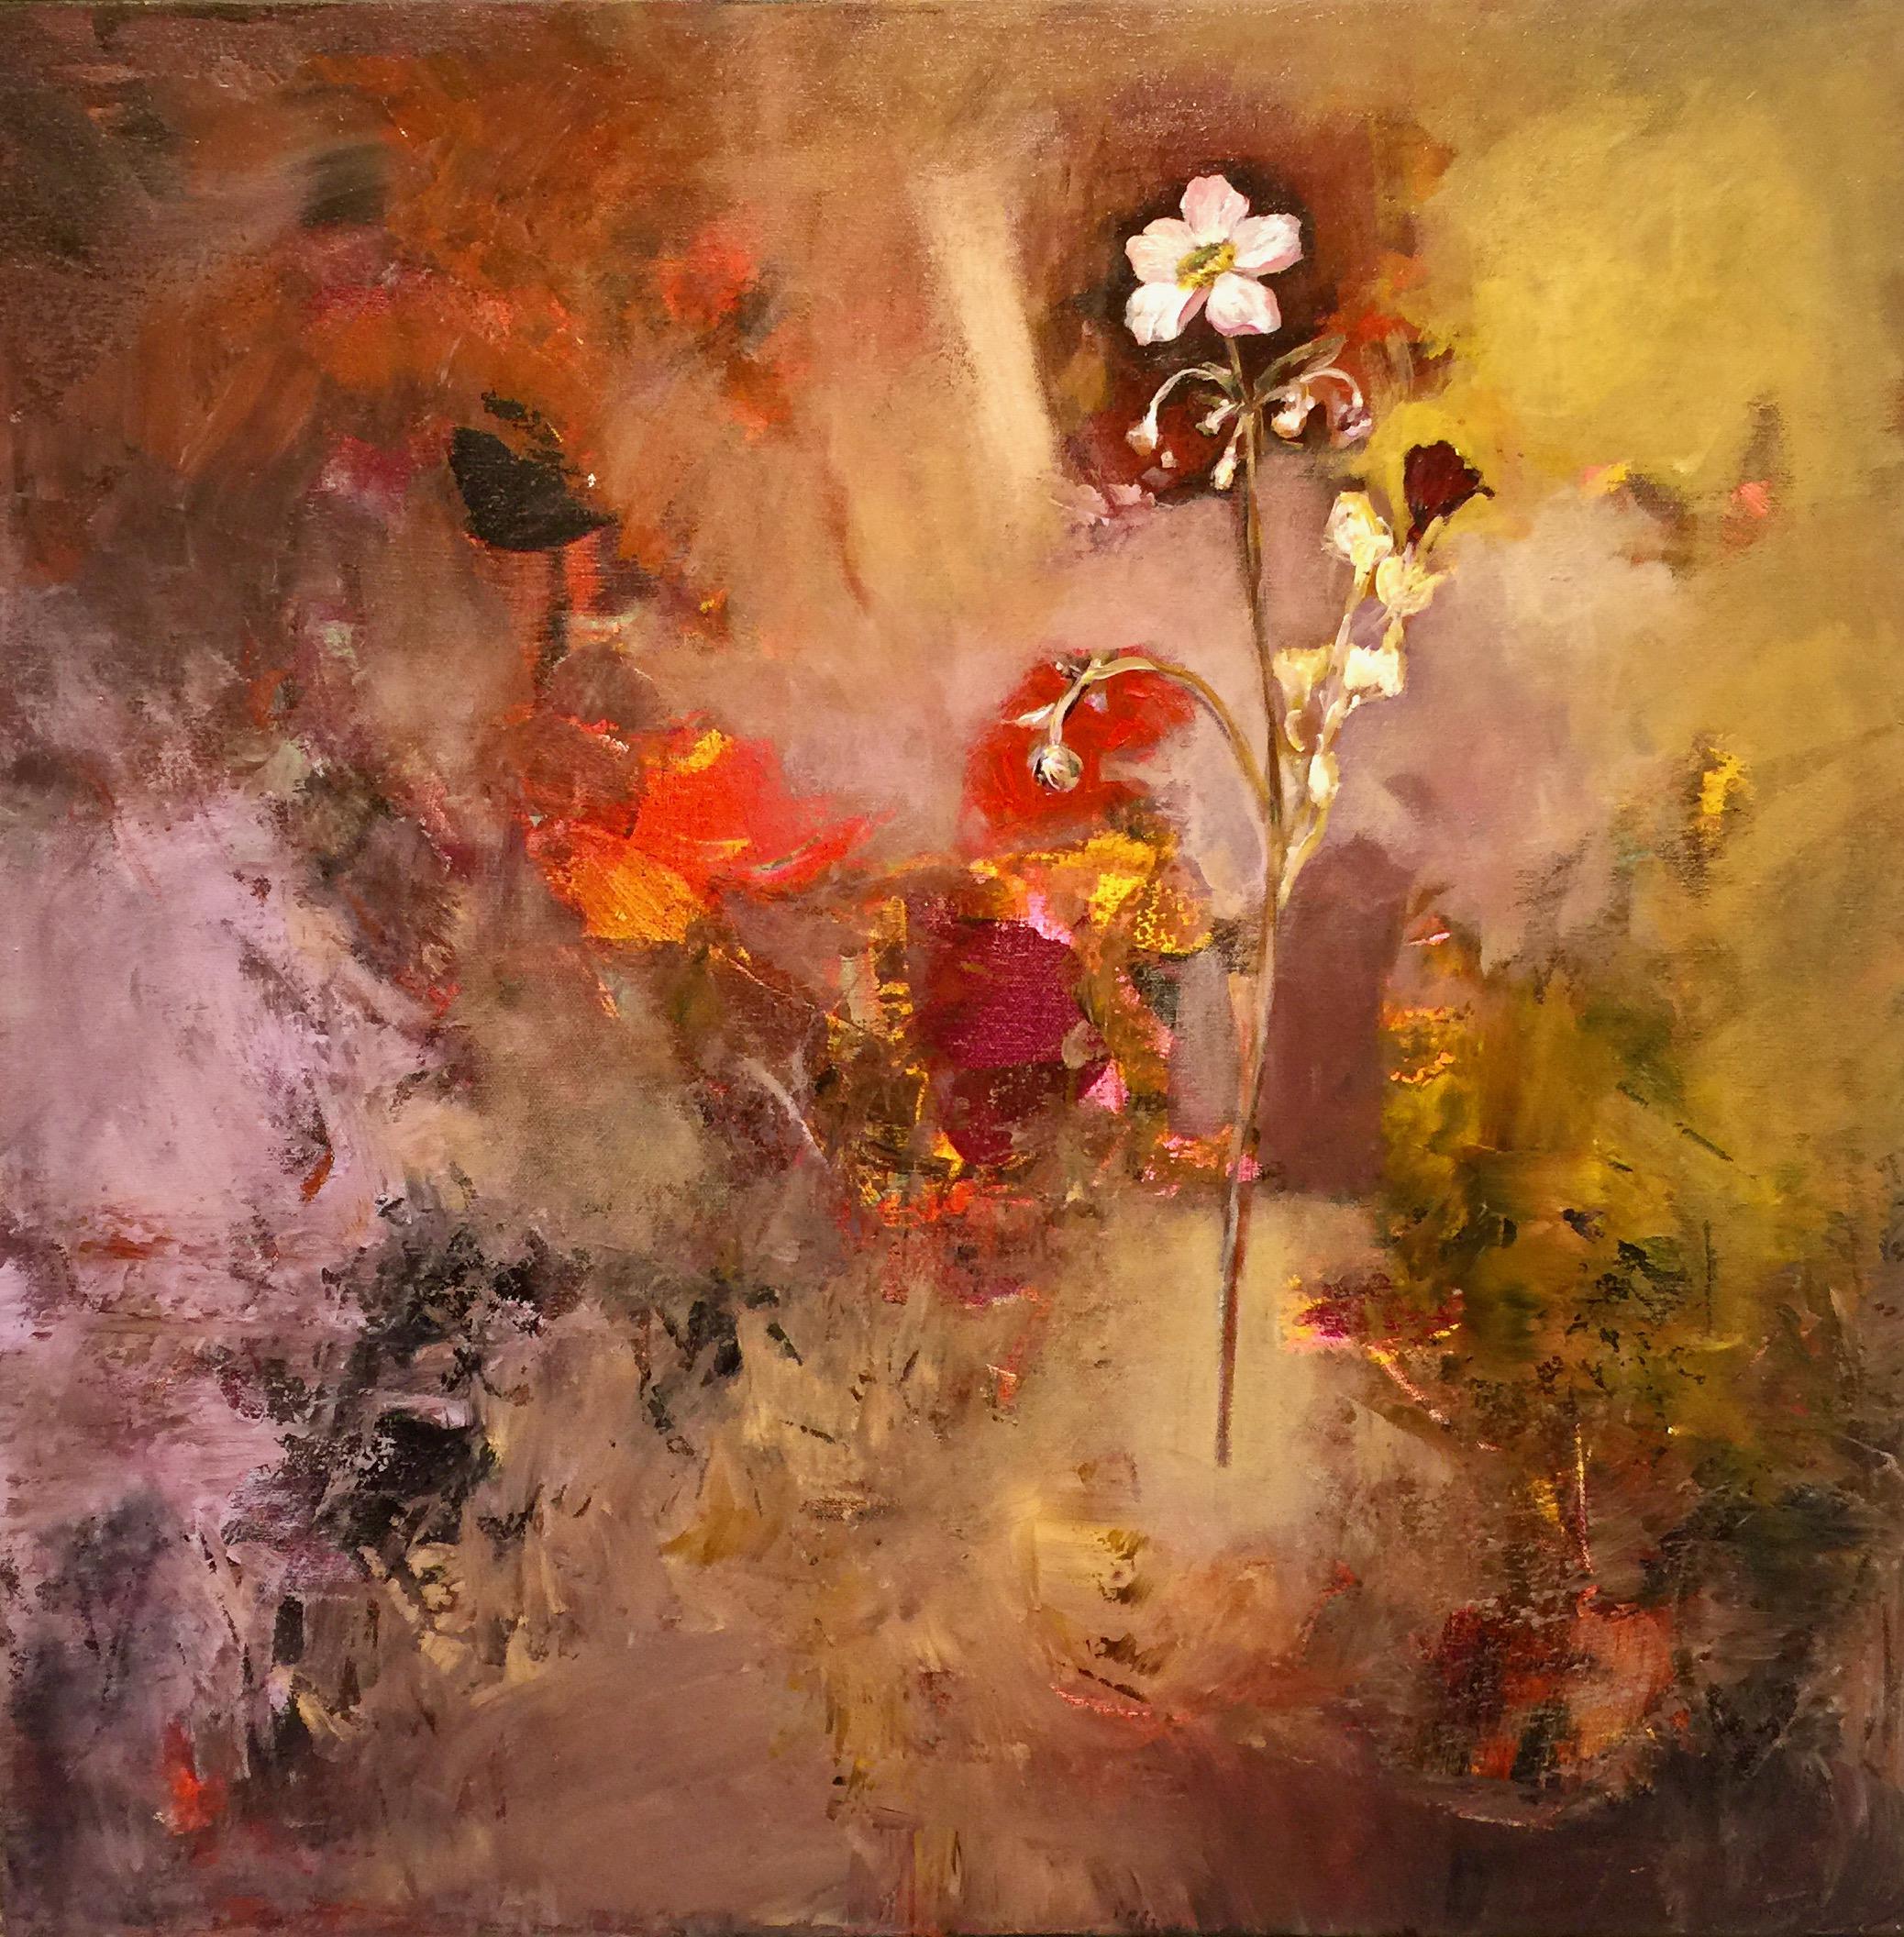 Oleg Bondarenko - Purple garden II, oljemålning